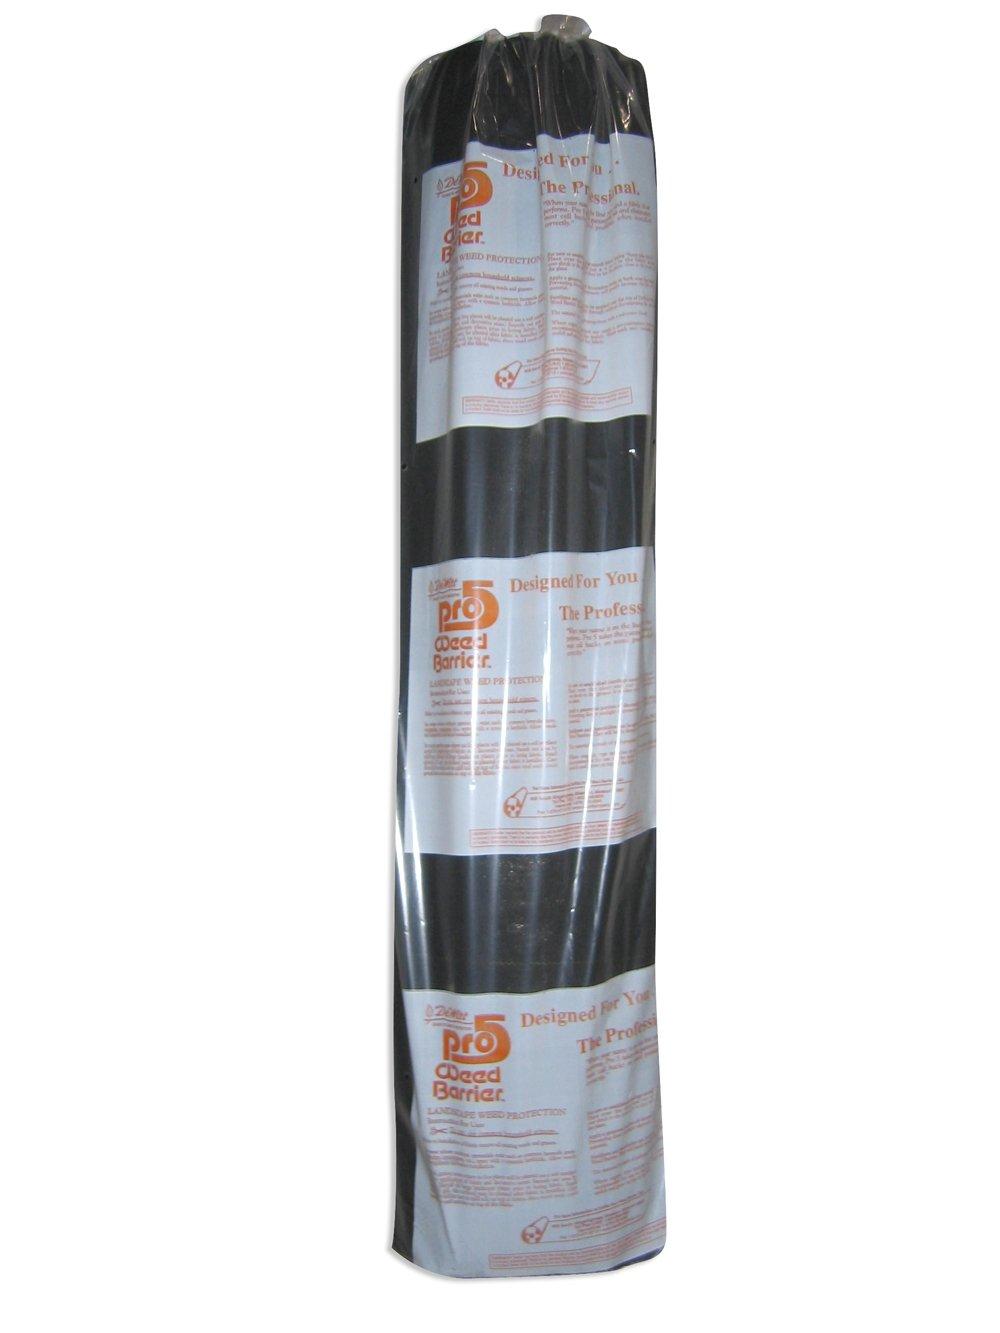 Amazon.com : Dewitt 6-Feet by 250-Feet Bulk 5-Ounce Woven Landscape Fabric  : Weed Barrier Fabric : Garden & Outdoor